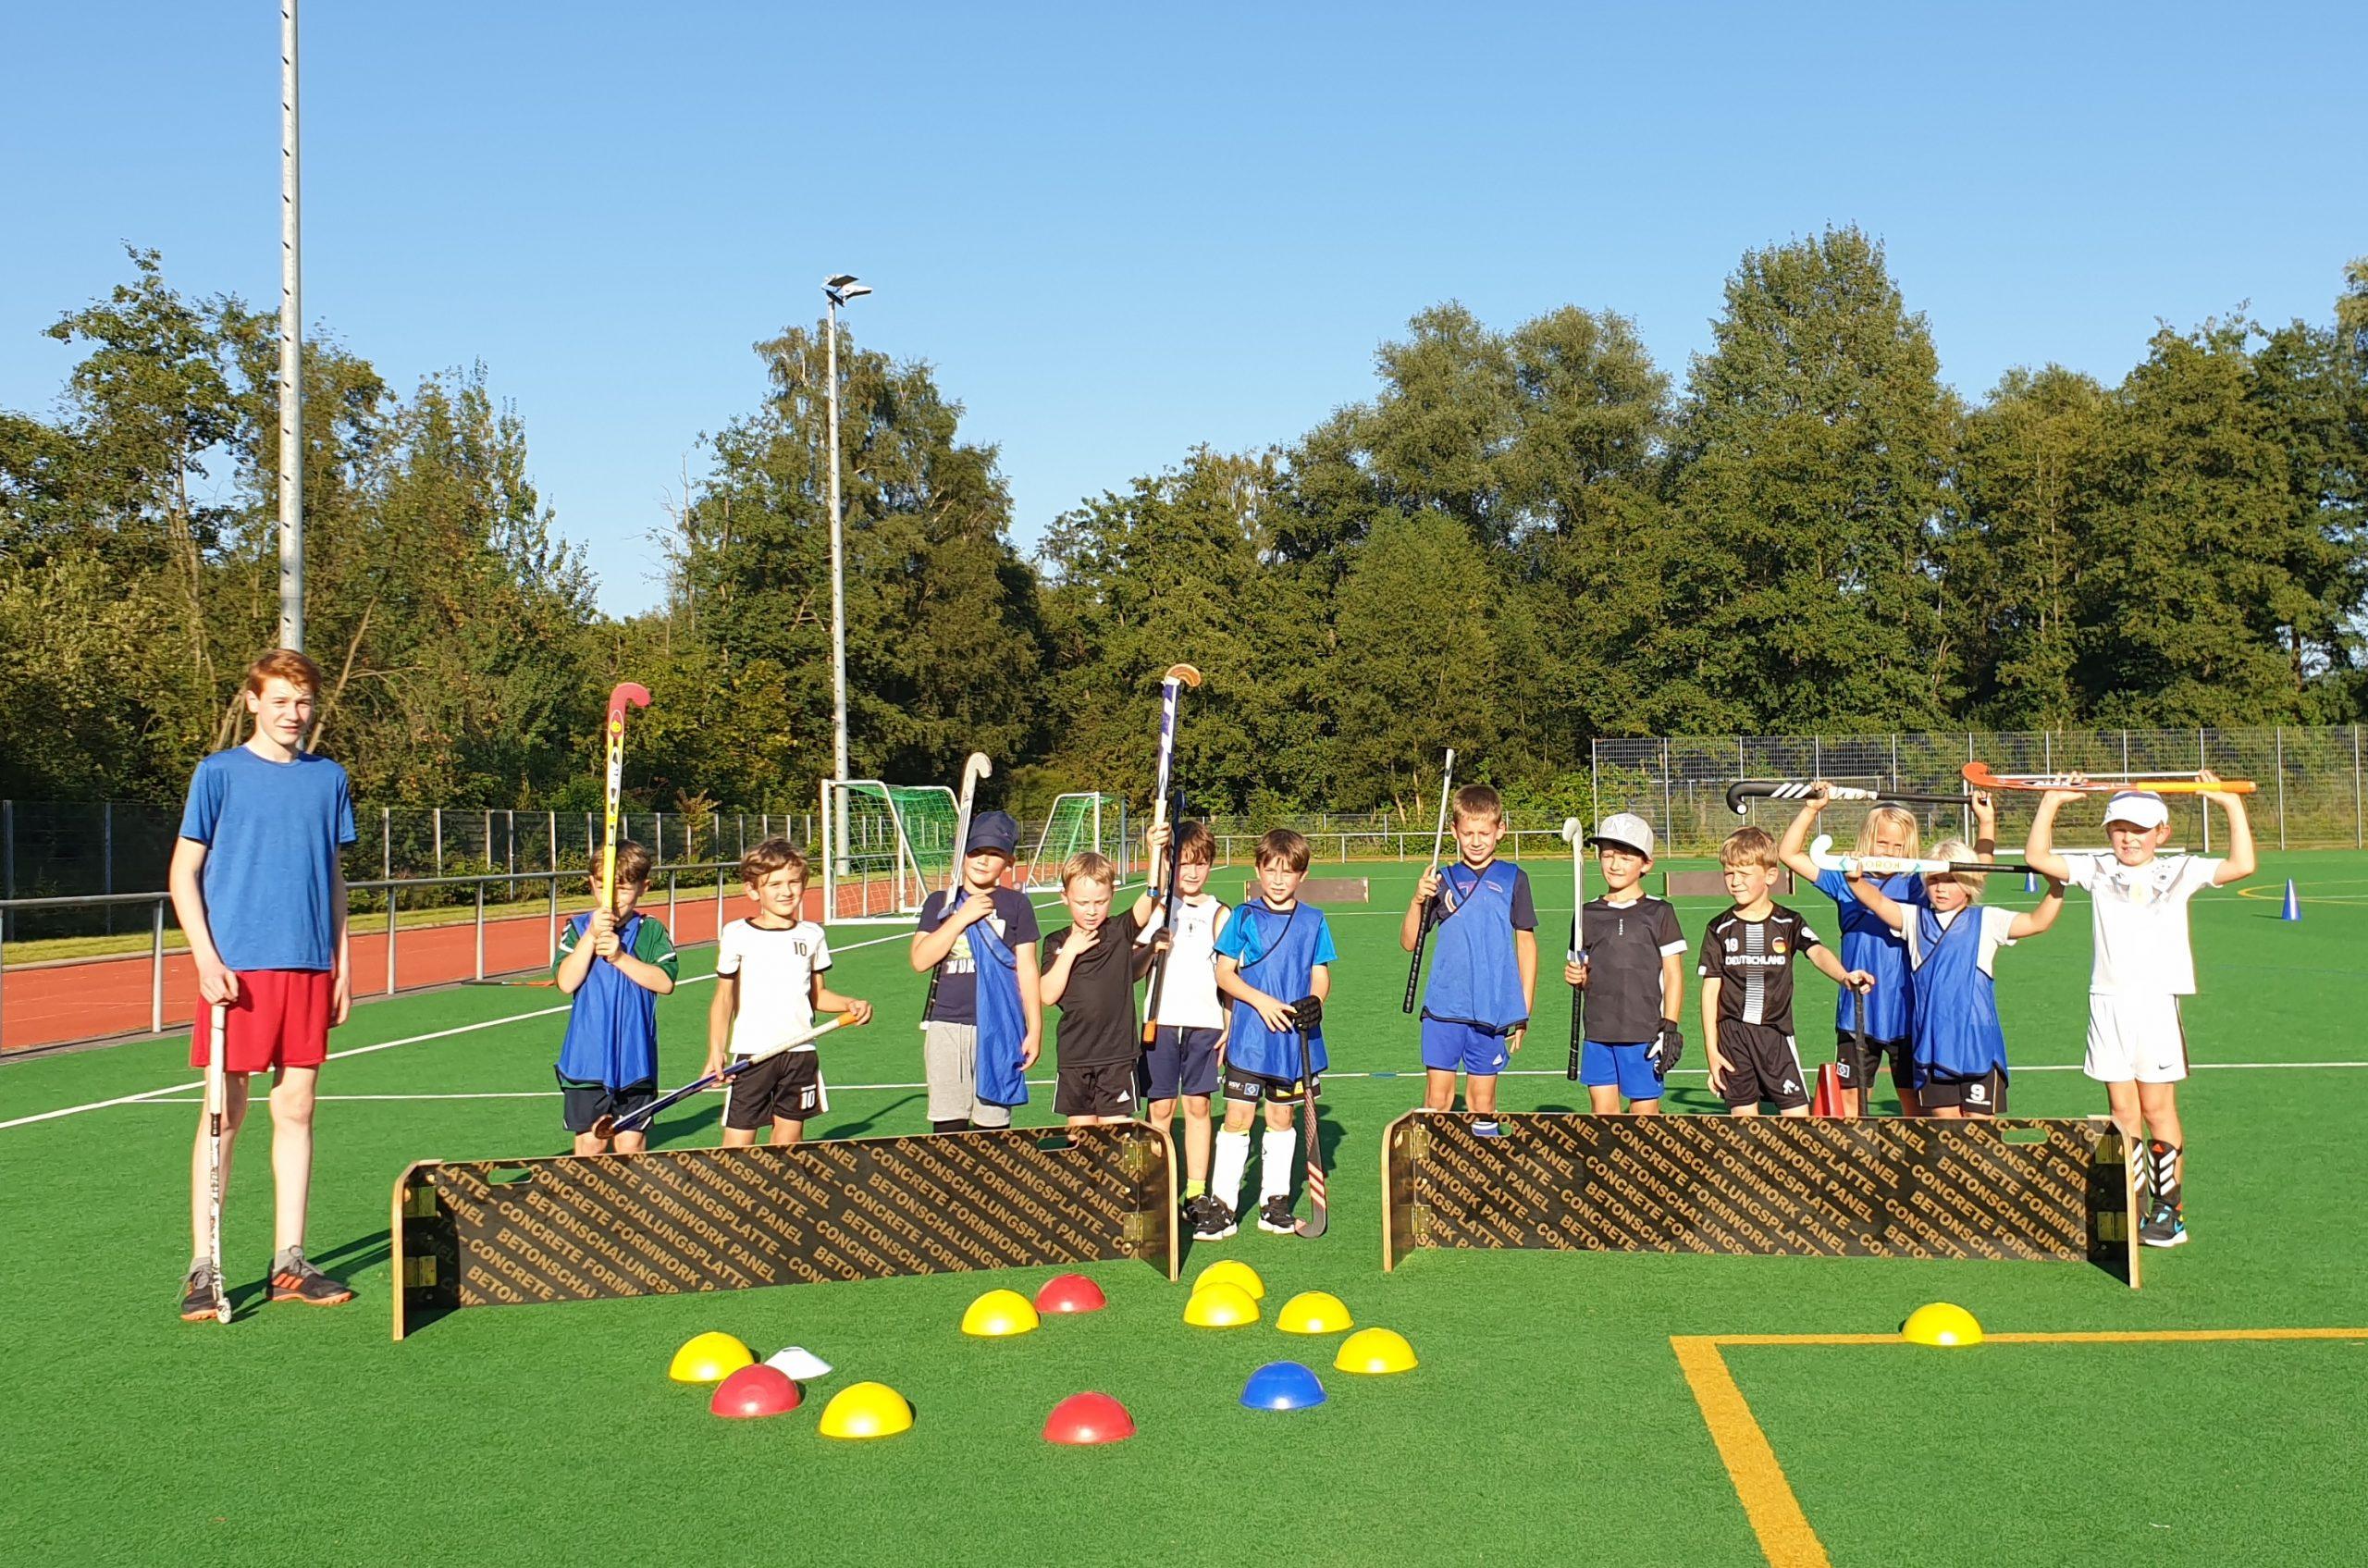 Unsere Hockeykinder freuen sich über die neuen Mini-Tore